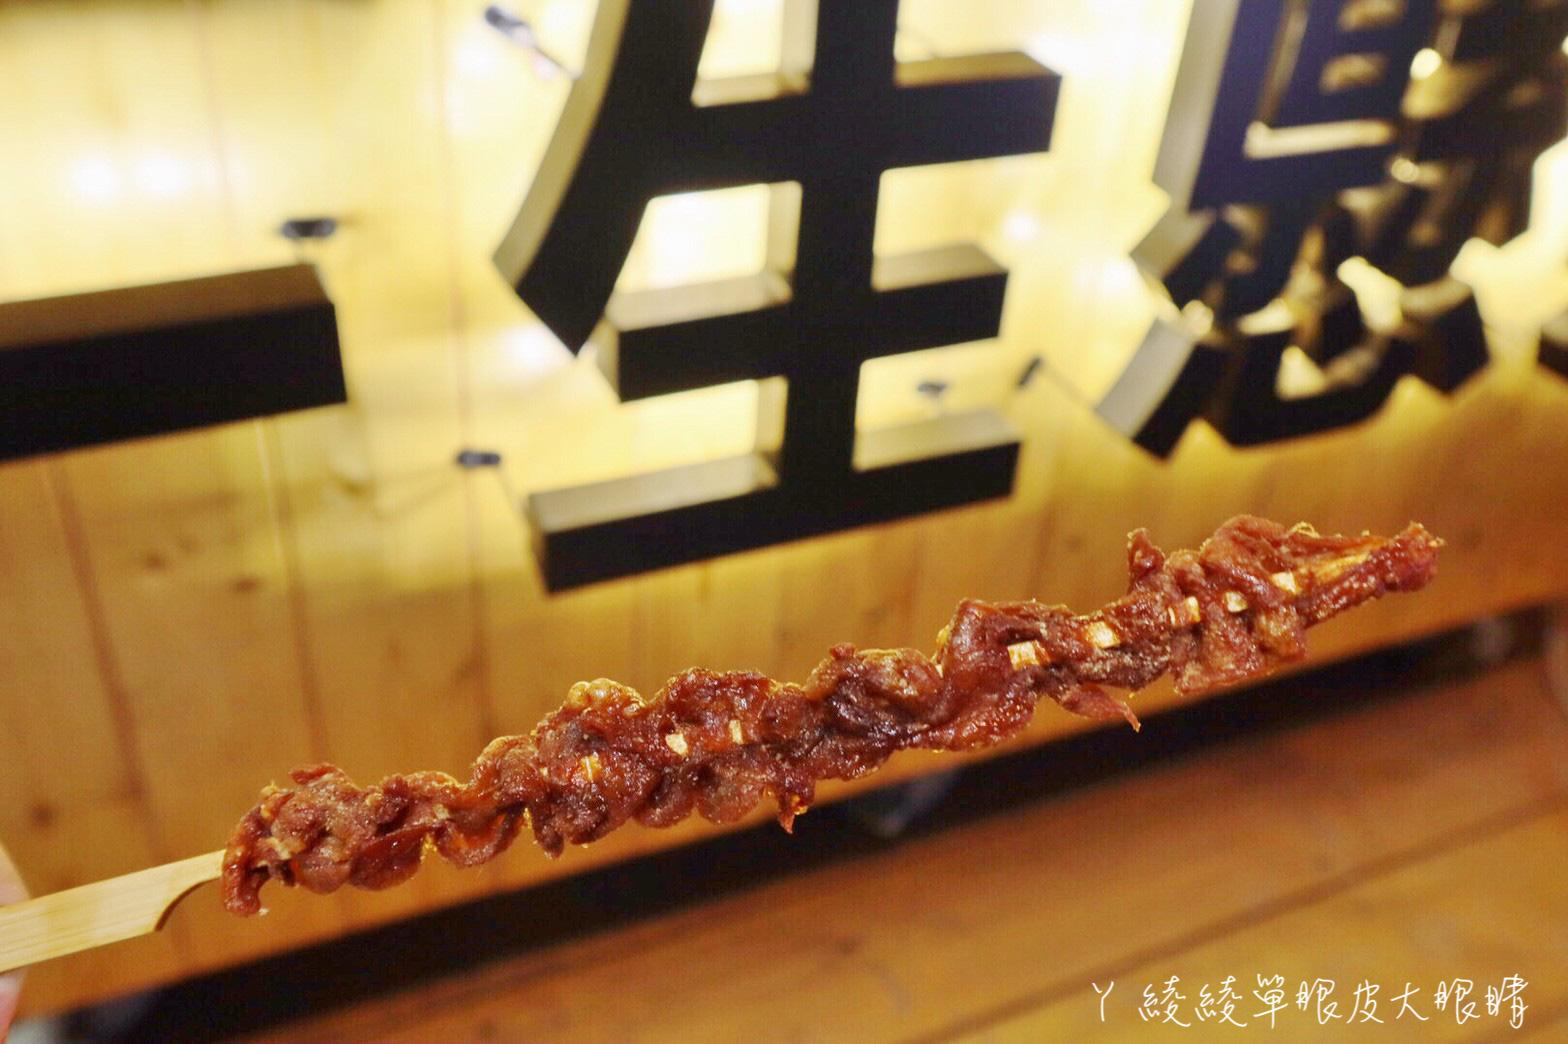 新竹雞排推薦一生懸鷄!來晚就吃不到鮮嫩多汁的重量級鷄排!爆漿龍蝦球、噴汁炸香腸